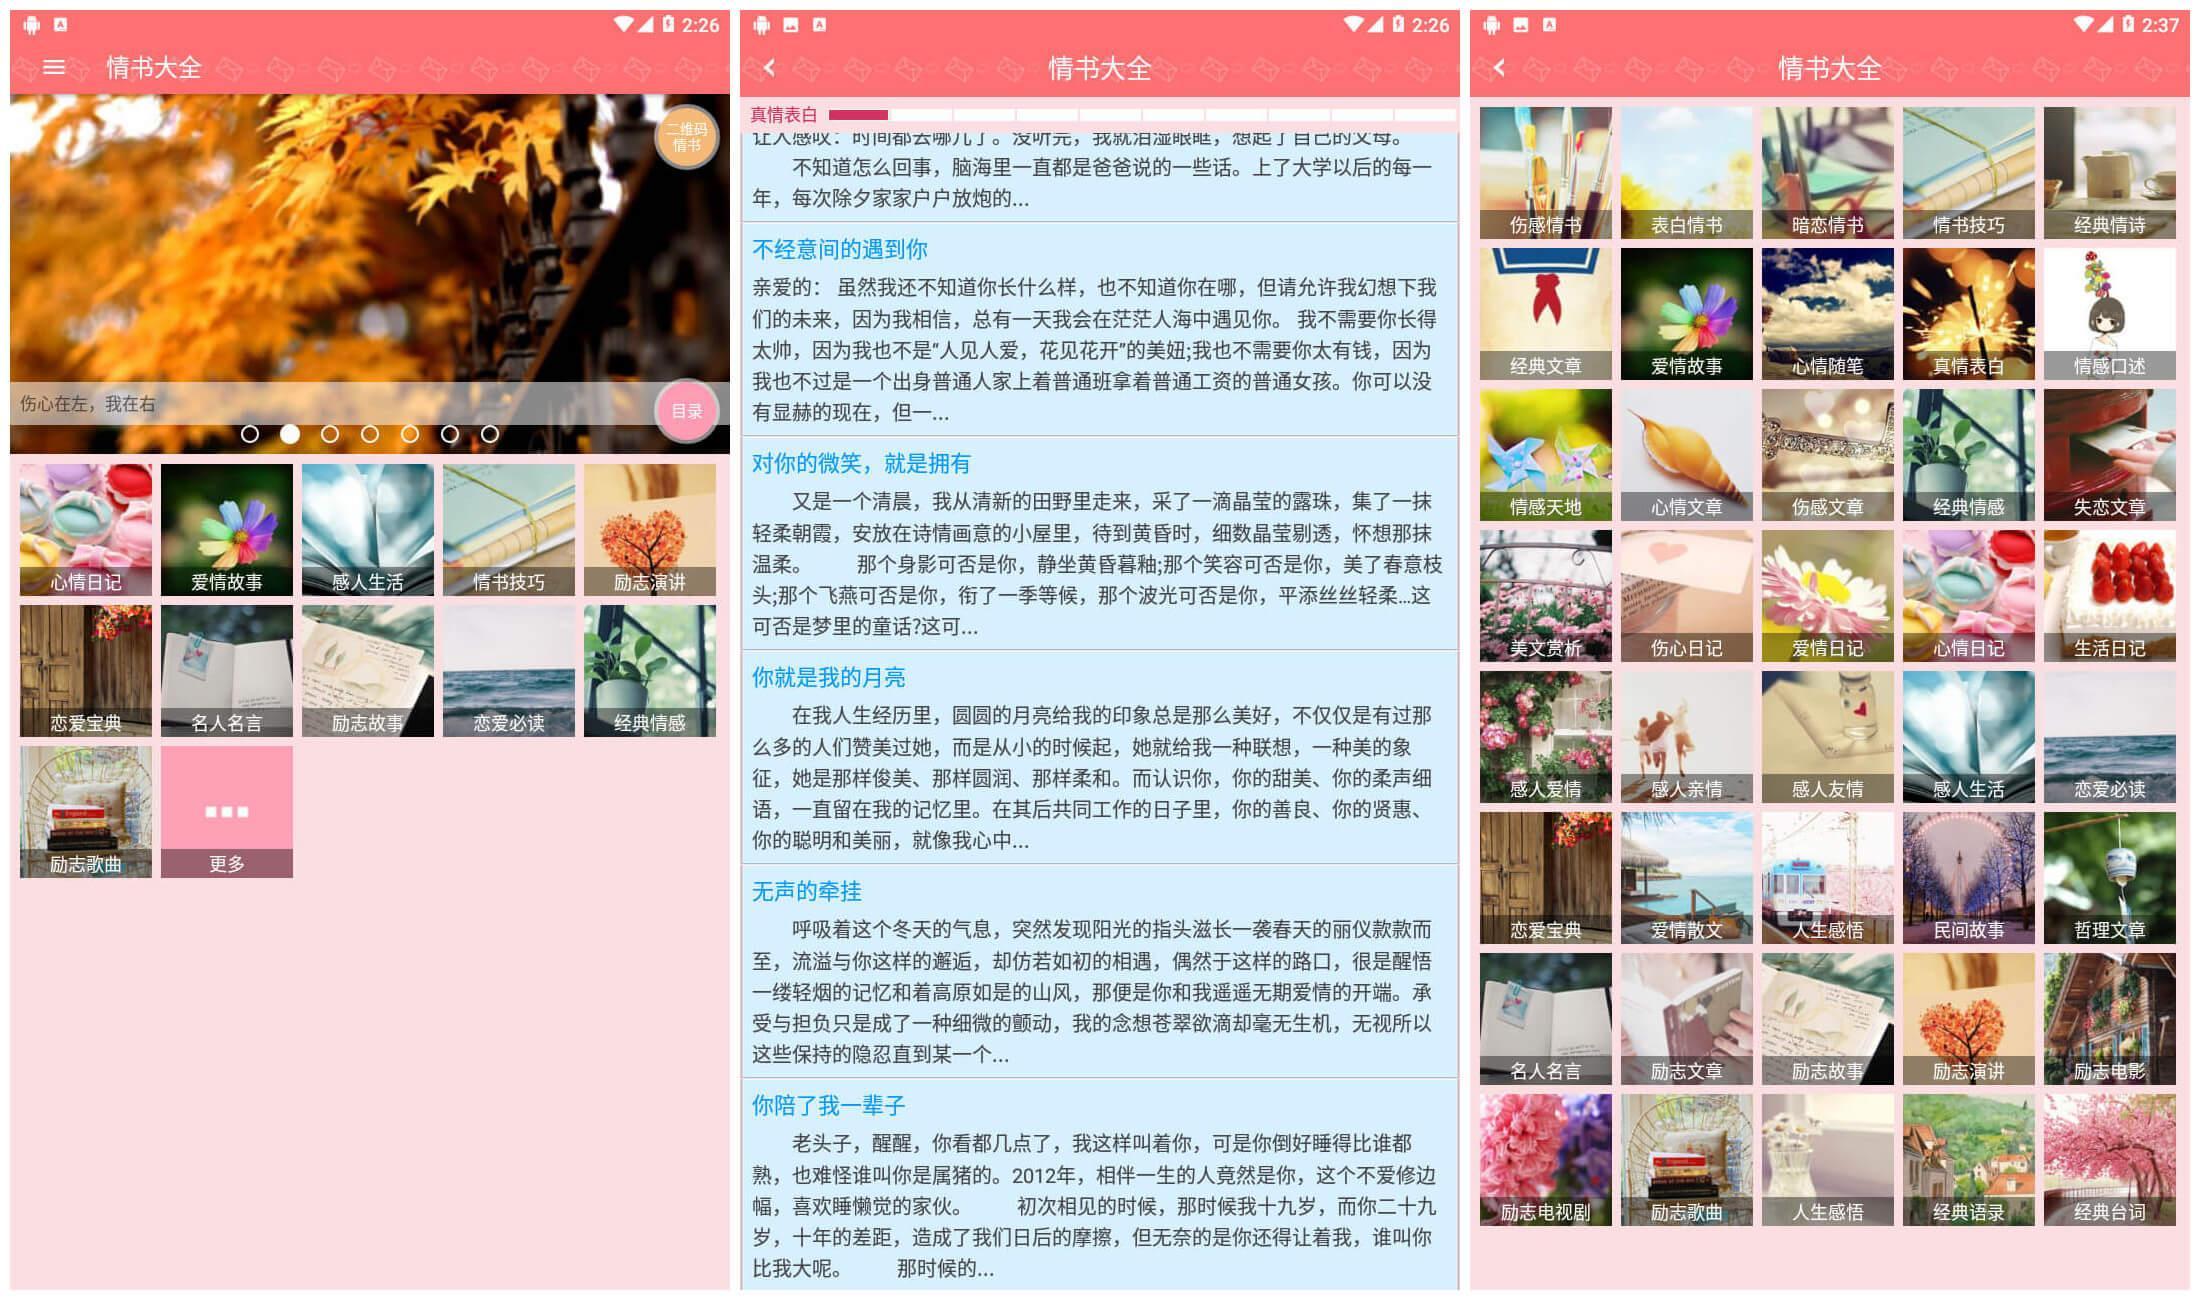 情书大全 大量感人搞笑浪漫情书语录模板 可生成二维码,第1张